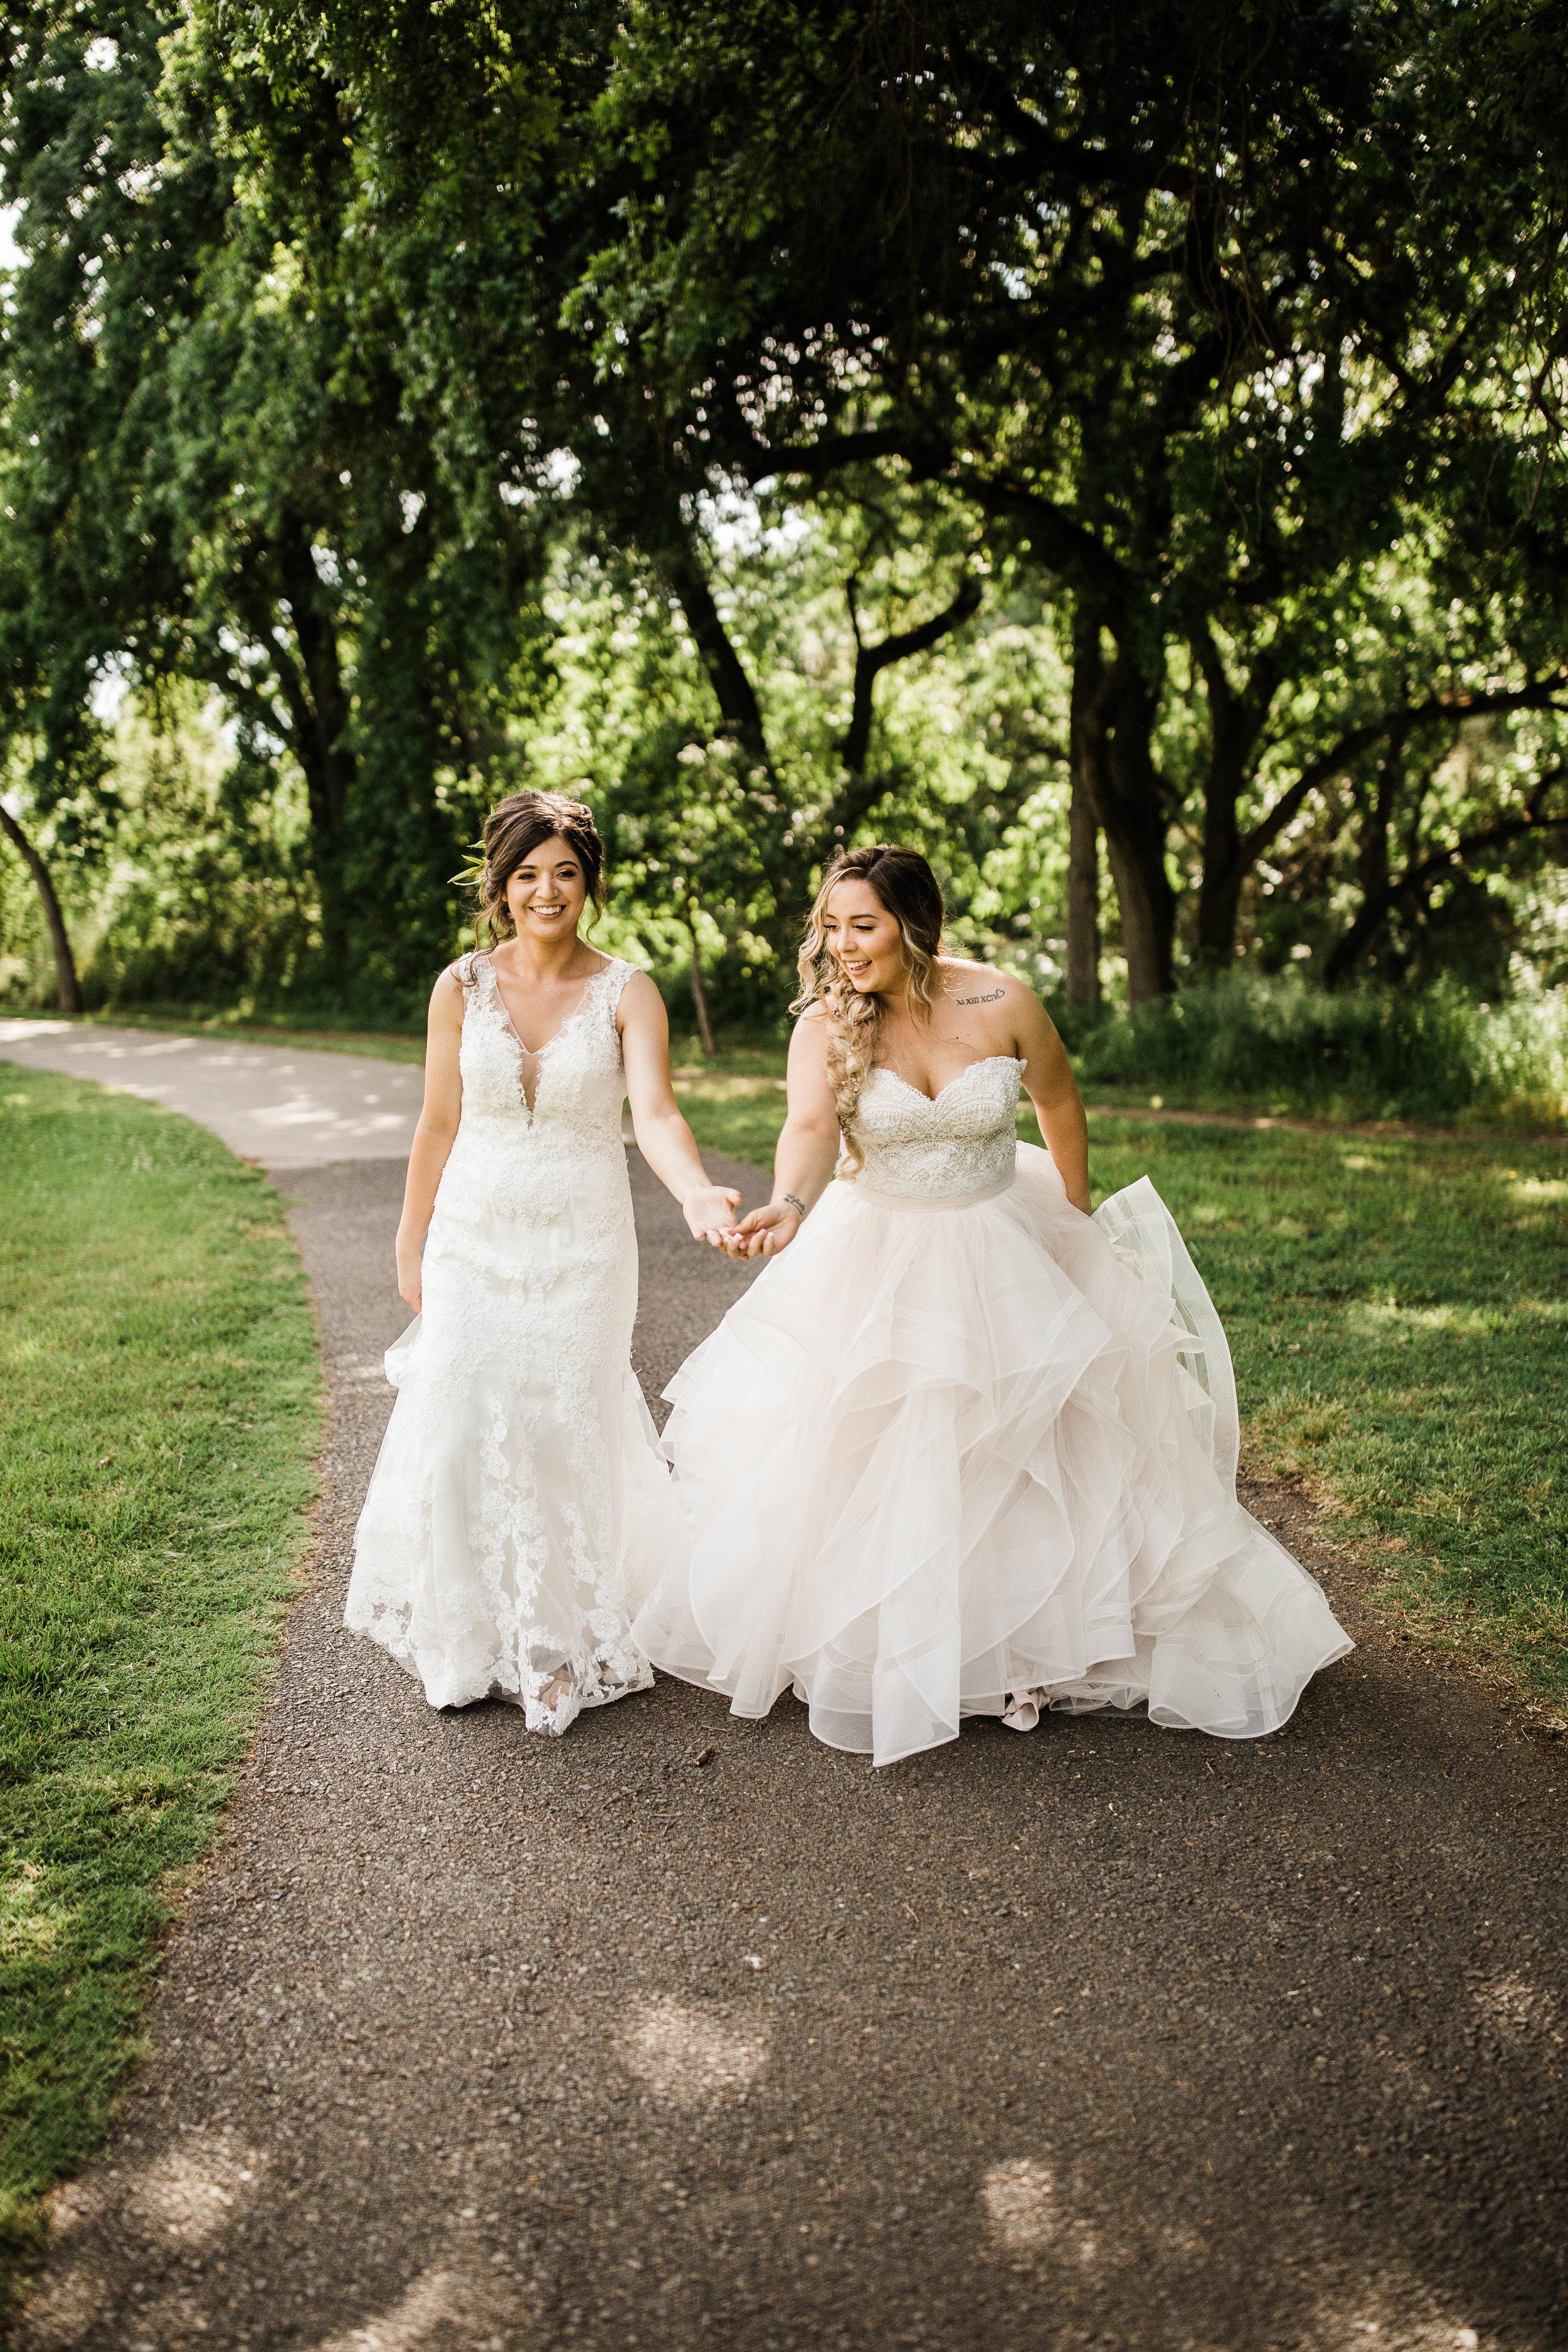 Kelsee&Yudith'sbackyardintimatewedding(302of646).jpg